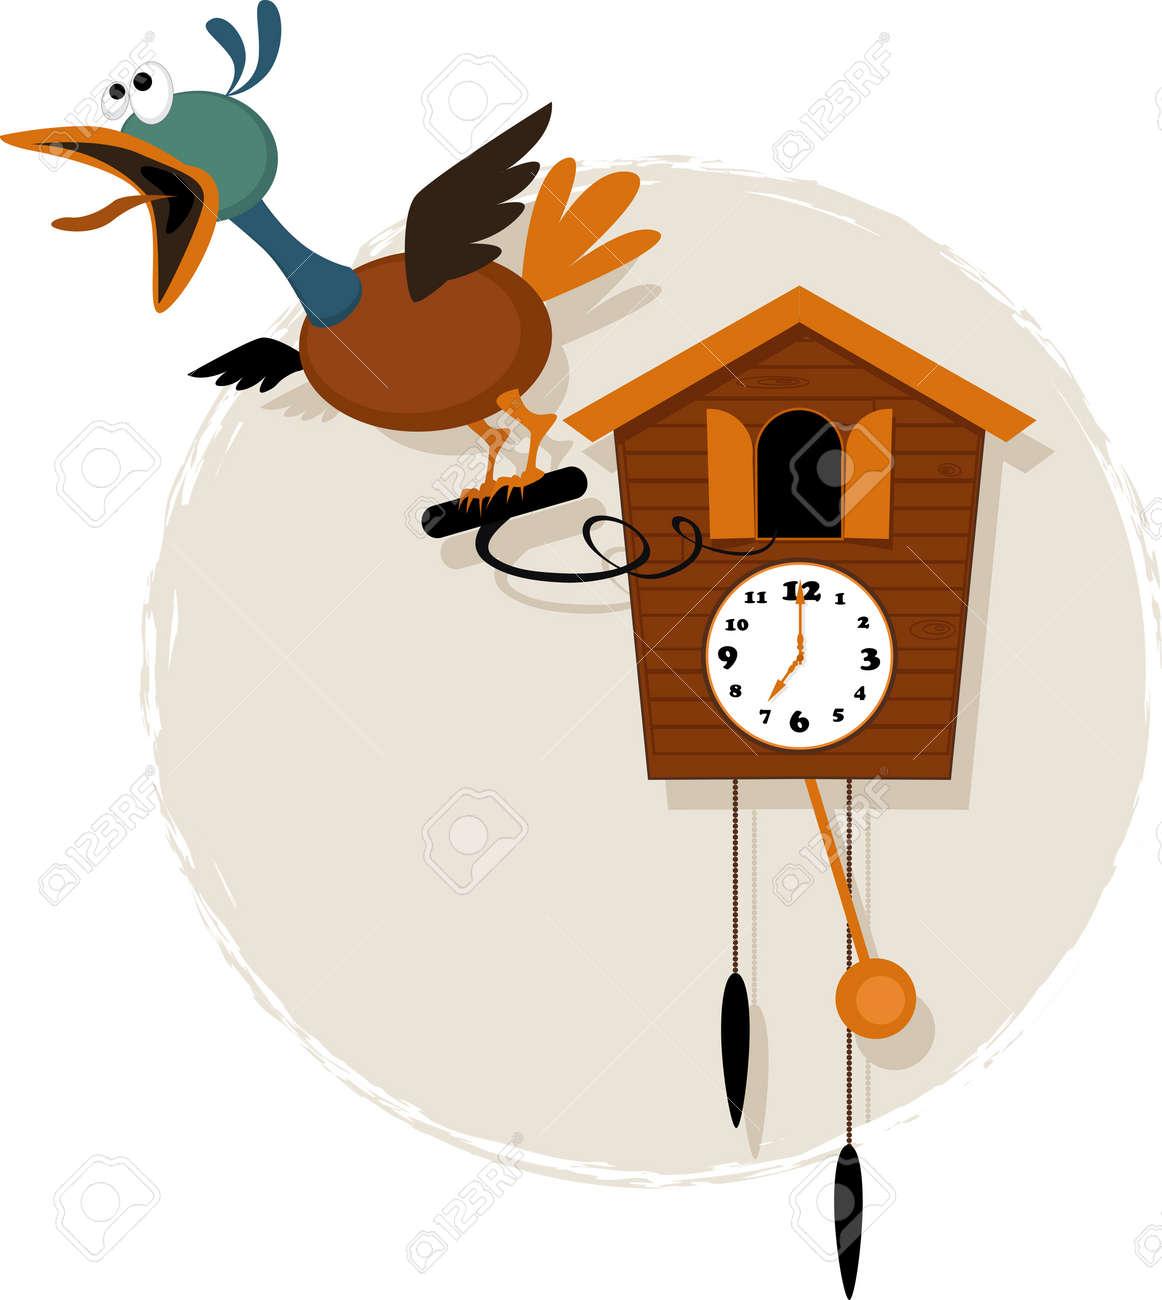 Pájaro Mecánico Divertido Que Emerge De Una Antigüedad De Dibujos Animados Vector De Reloj De Cuco Llamativa Sin Transparencias Eps 8